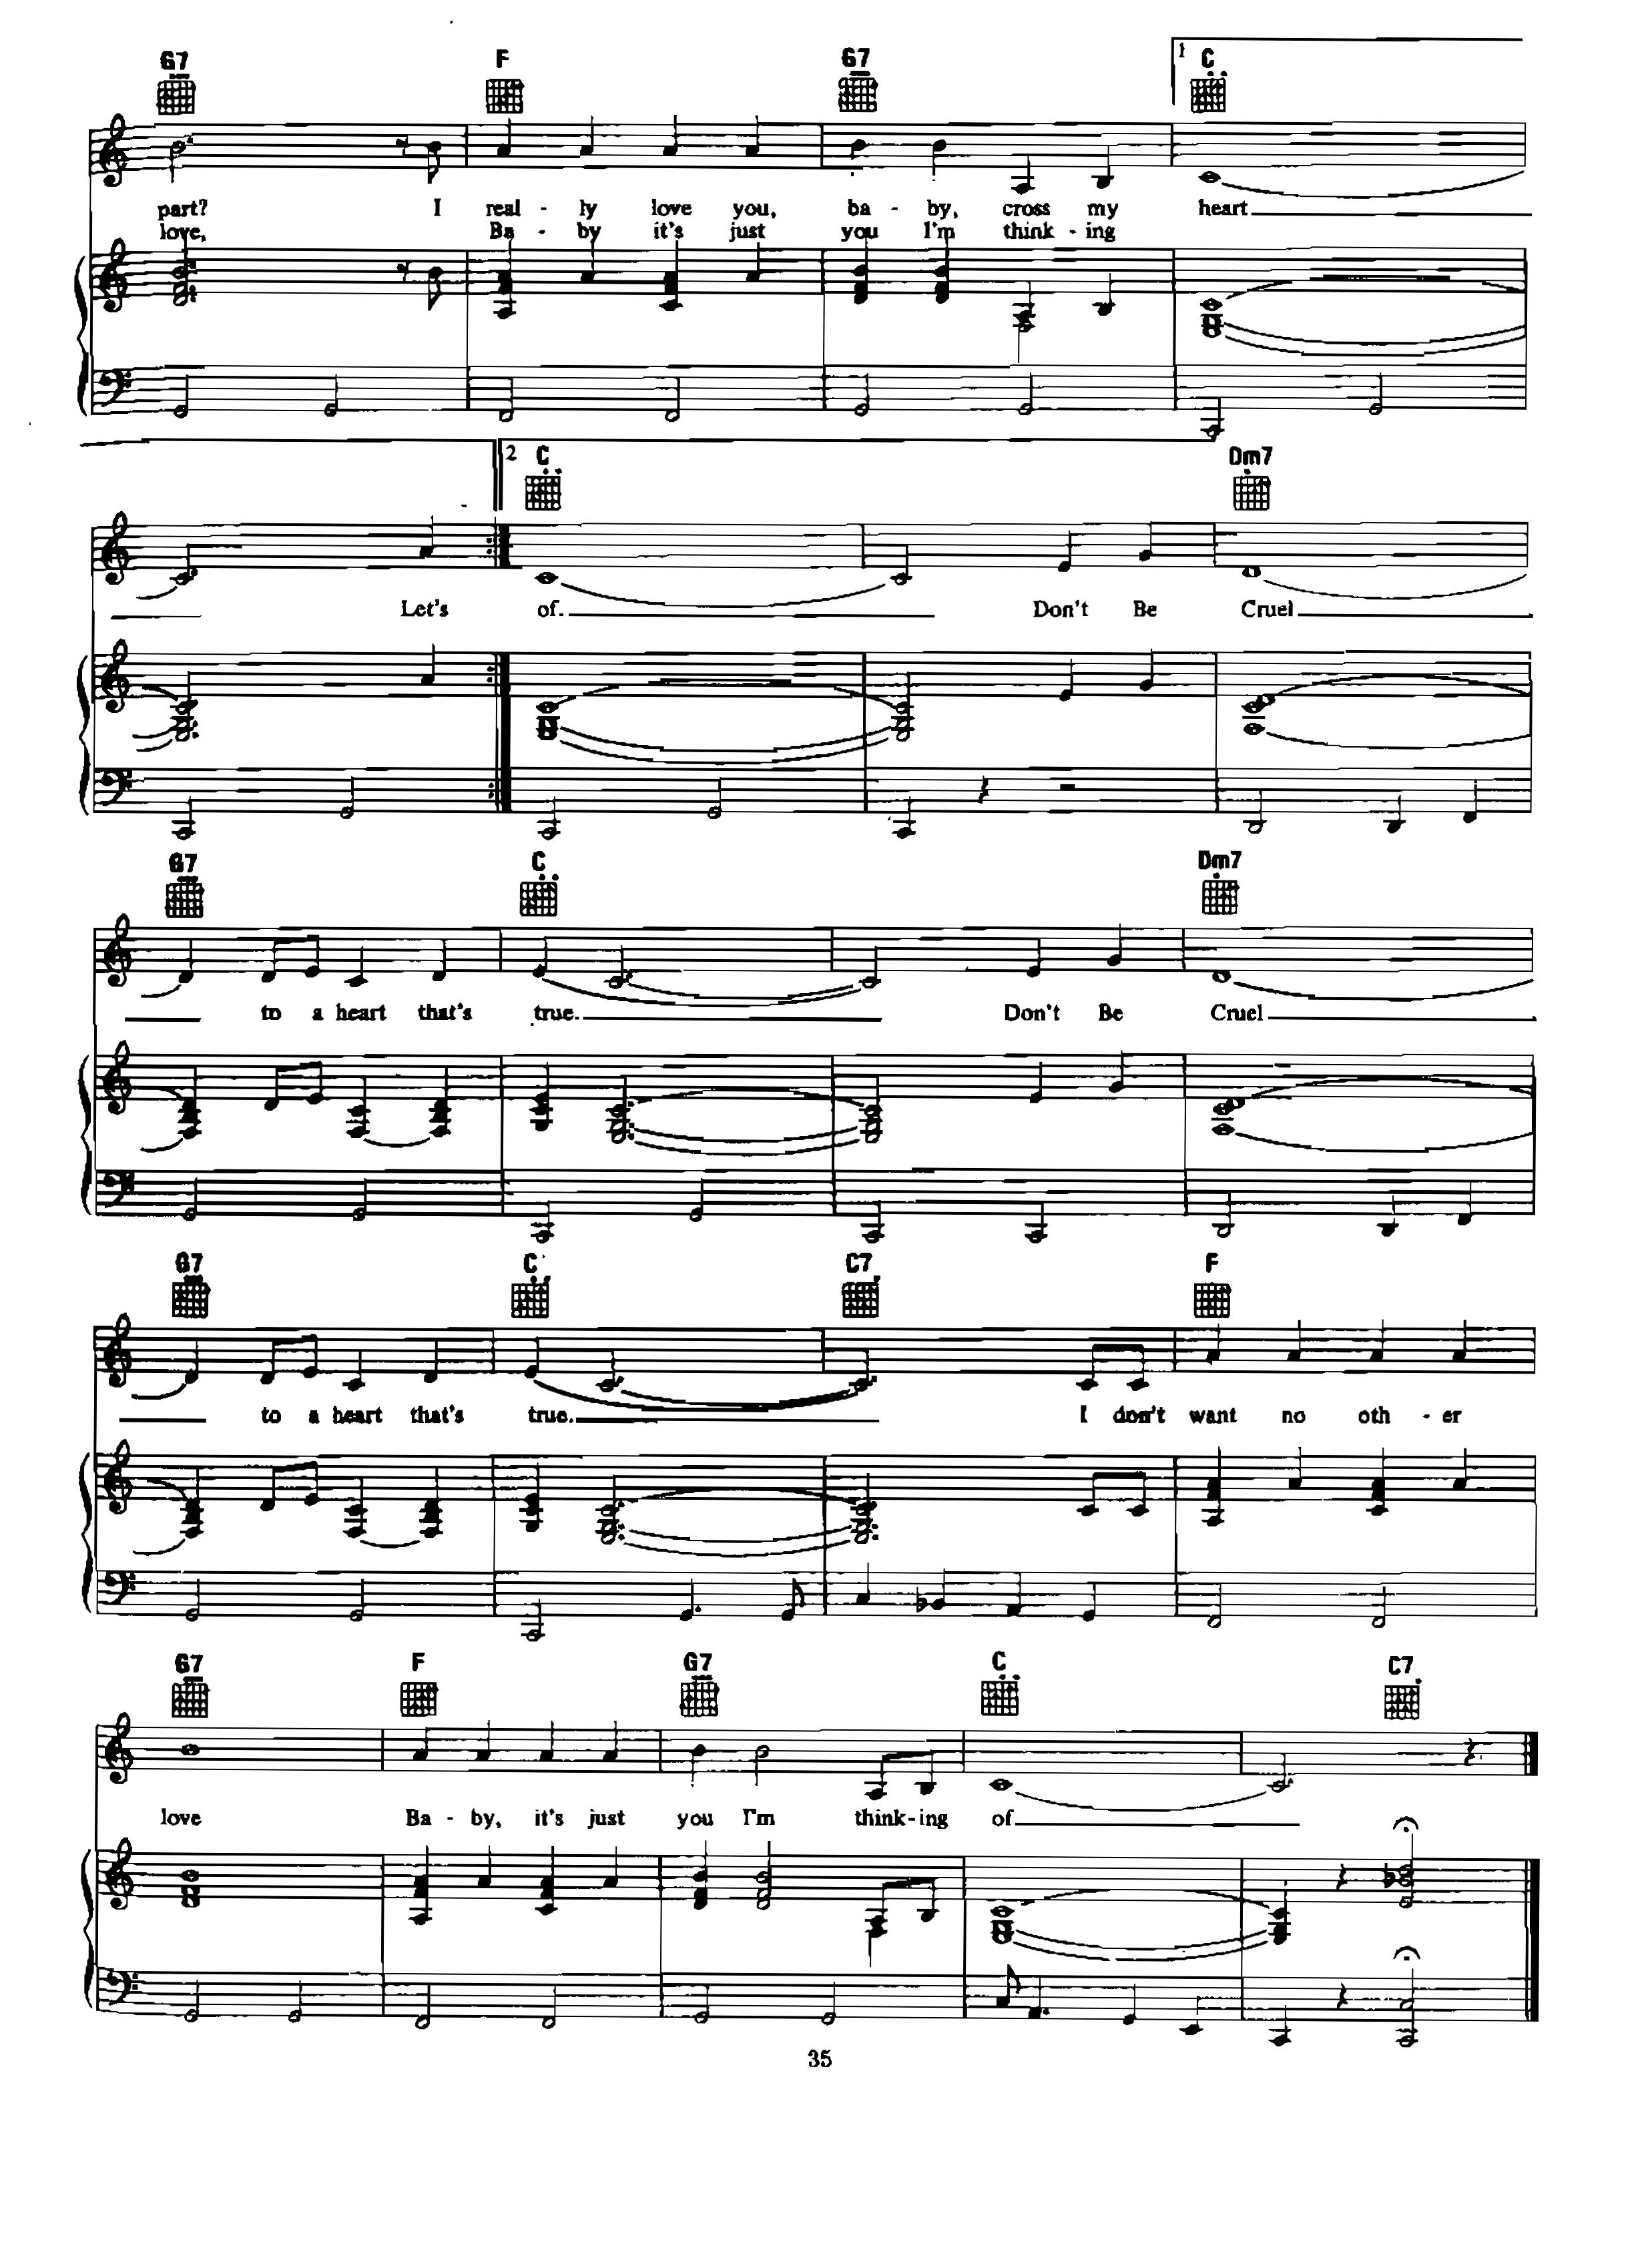 Chia sẻ: Elvis Presley với các ca khúc nổi tiếng soạn cho Piano và Guitar Don't be Cruel